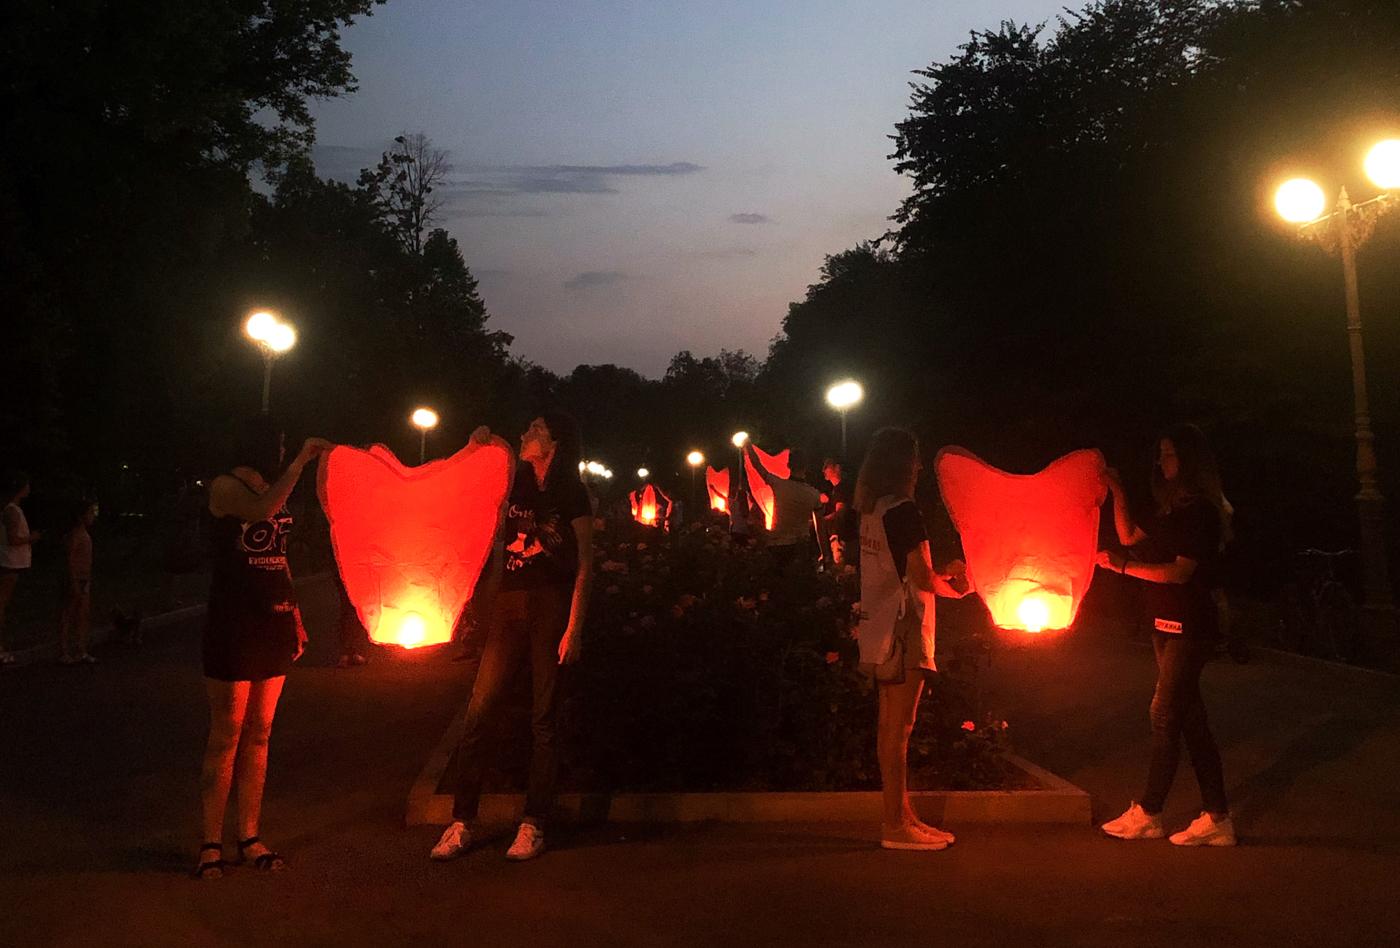 Активисты ОД «Мир Луганщине» Луганска запустили в небо фонарики в память о погибших в Старой Кондрашовке при обстреле ВСУ 2